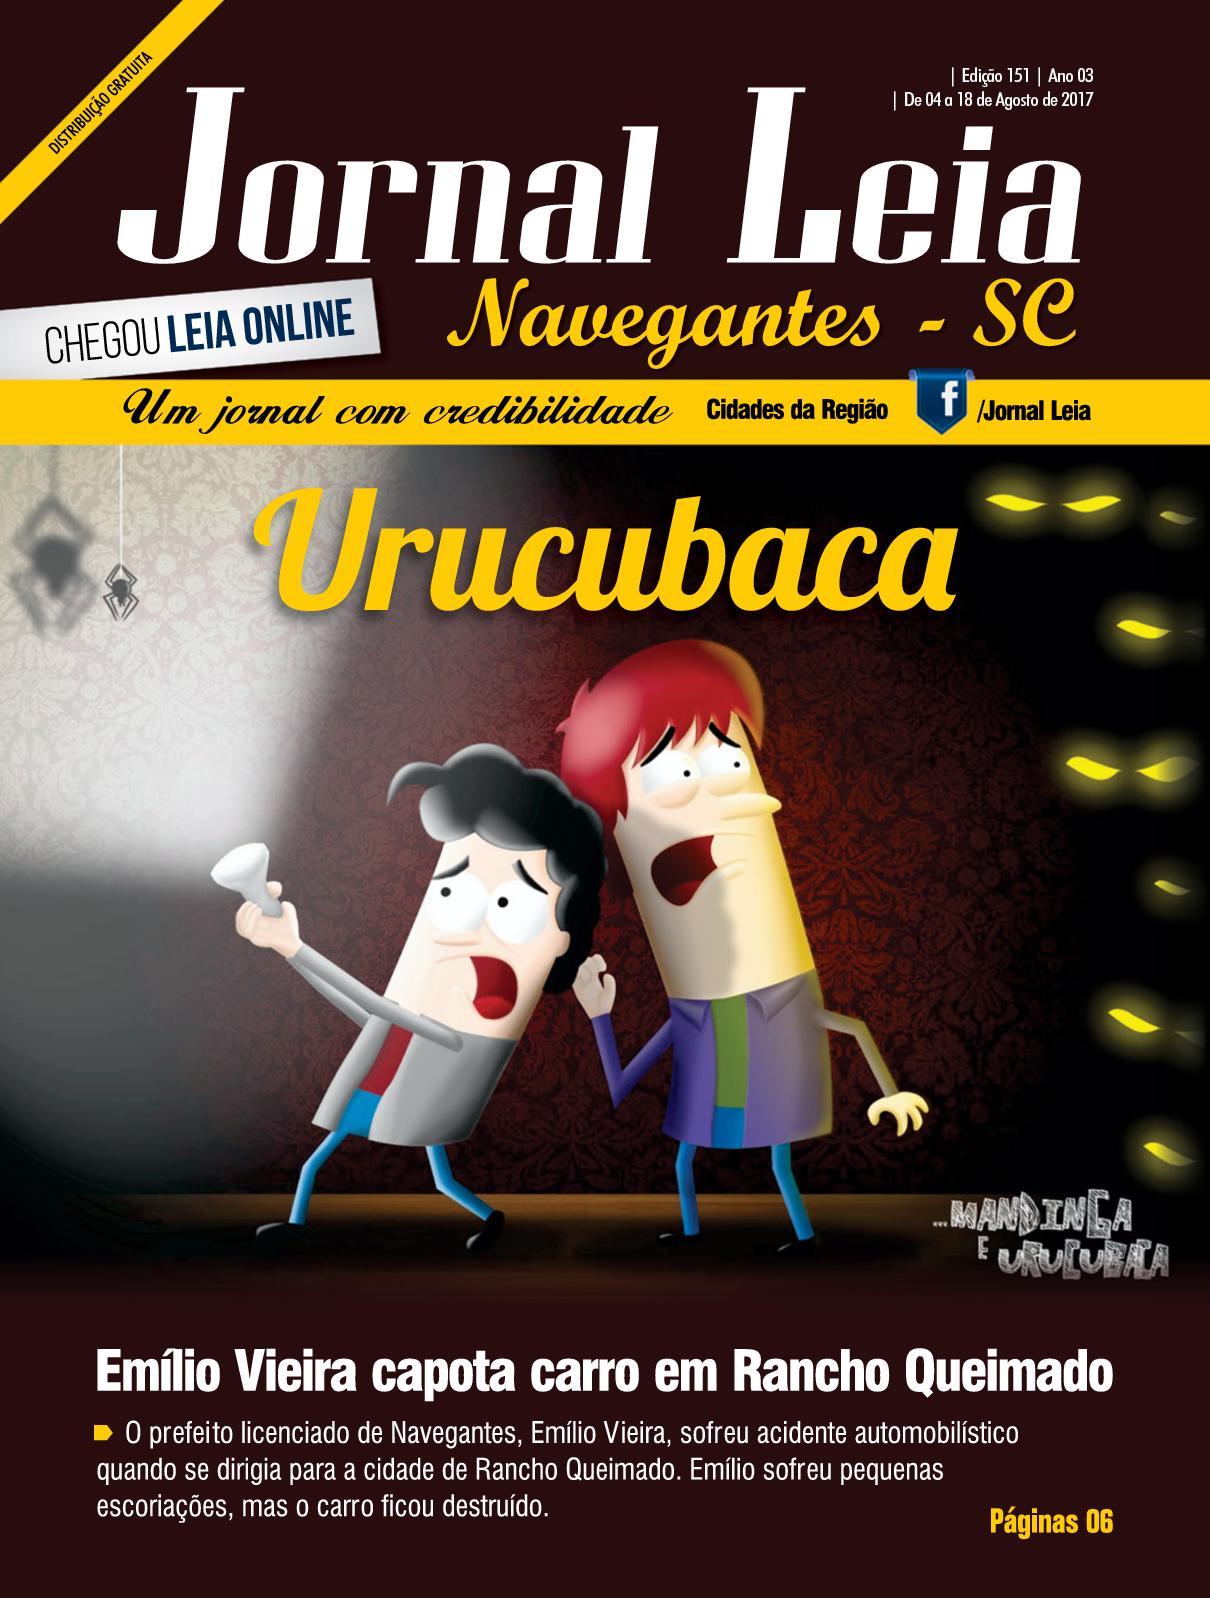 Jornal Leia - Edição Digital #151